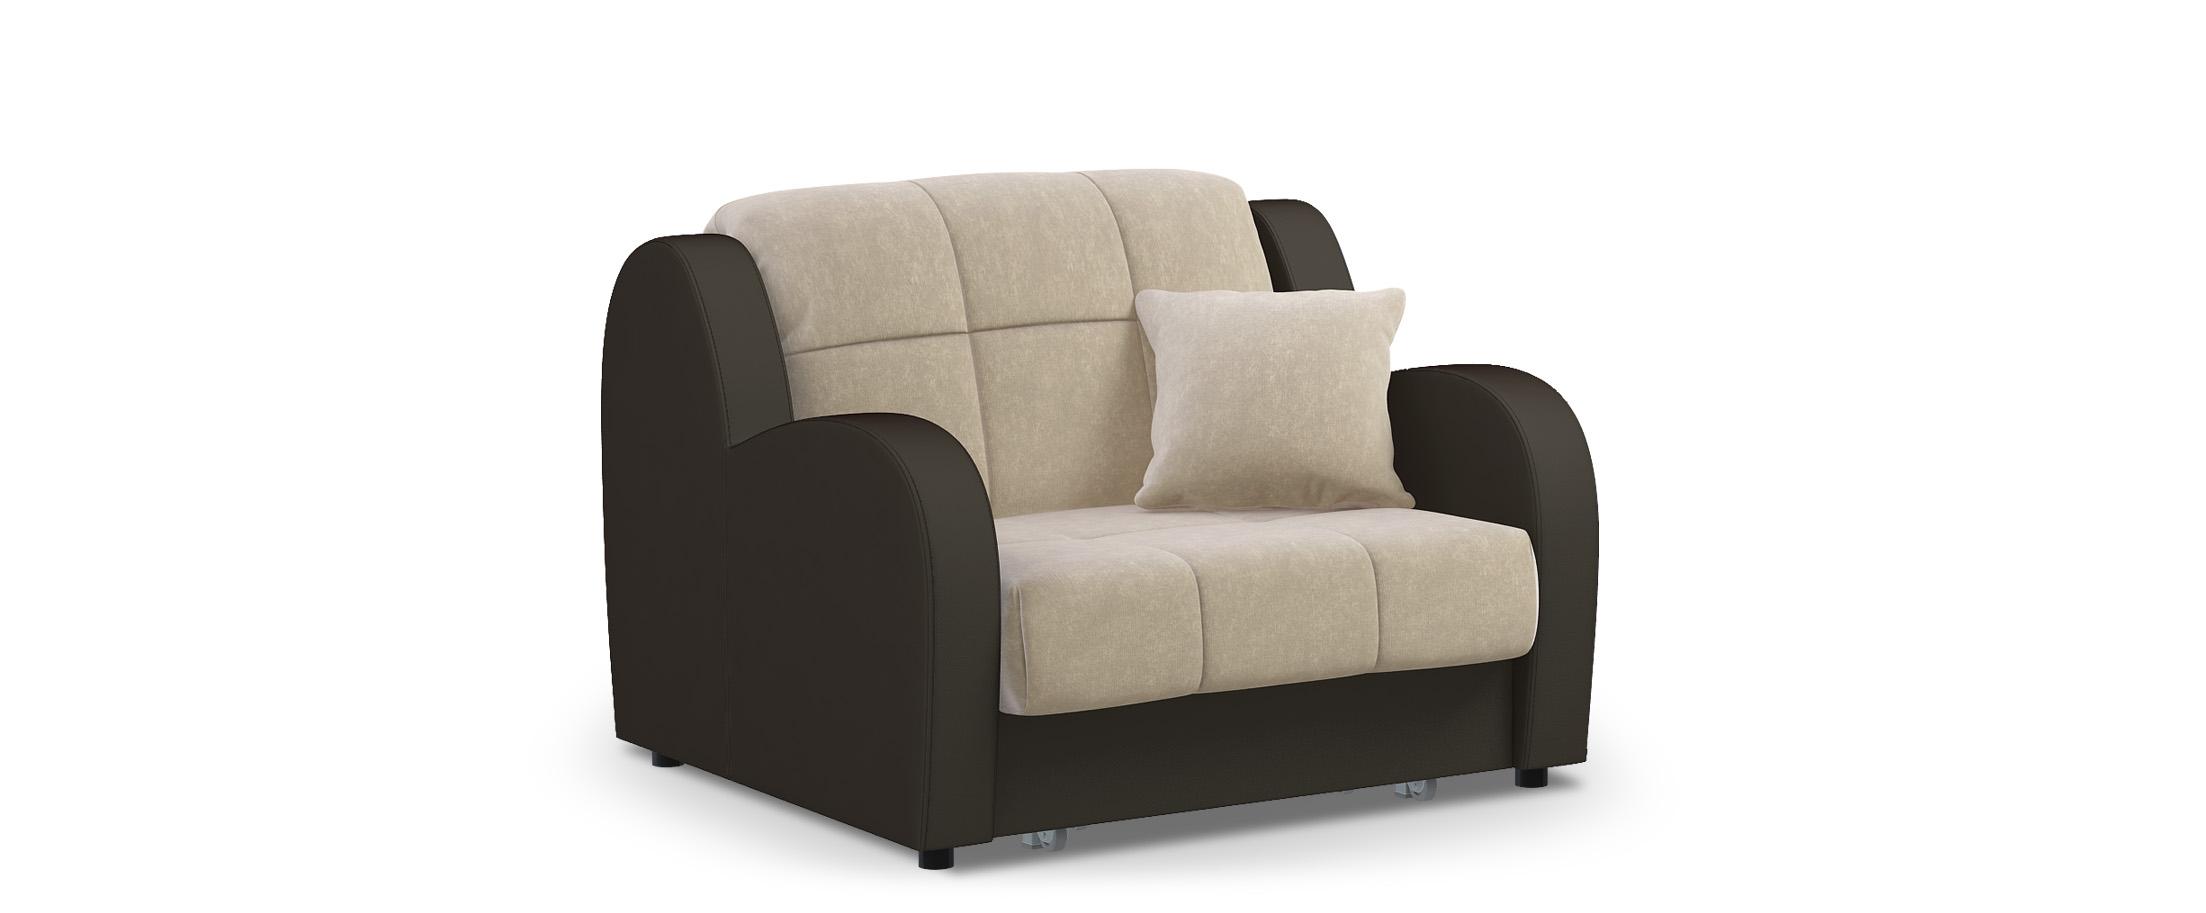 Кресло раскладное Барон 022Купить бежевое кресло-кровать Барон 022. Доставка от 1 дня. Подъём, сборка, вынос упаковки. Гарантия 18 месяцев. Интернет-магазин мебели MOON-TRADE.RU. Артикул: 001688.<br>